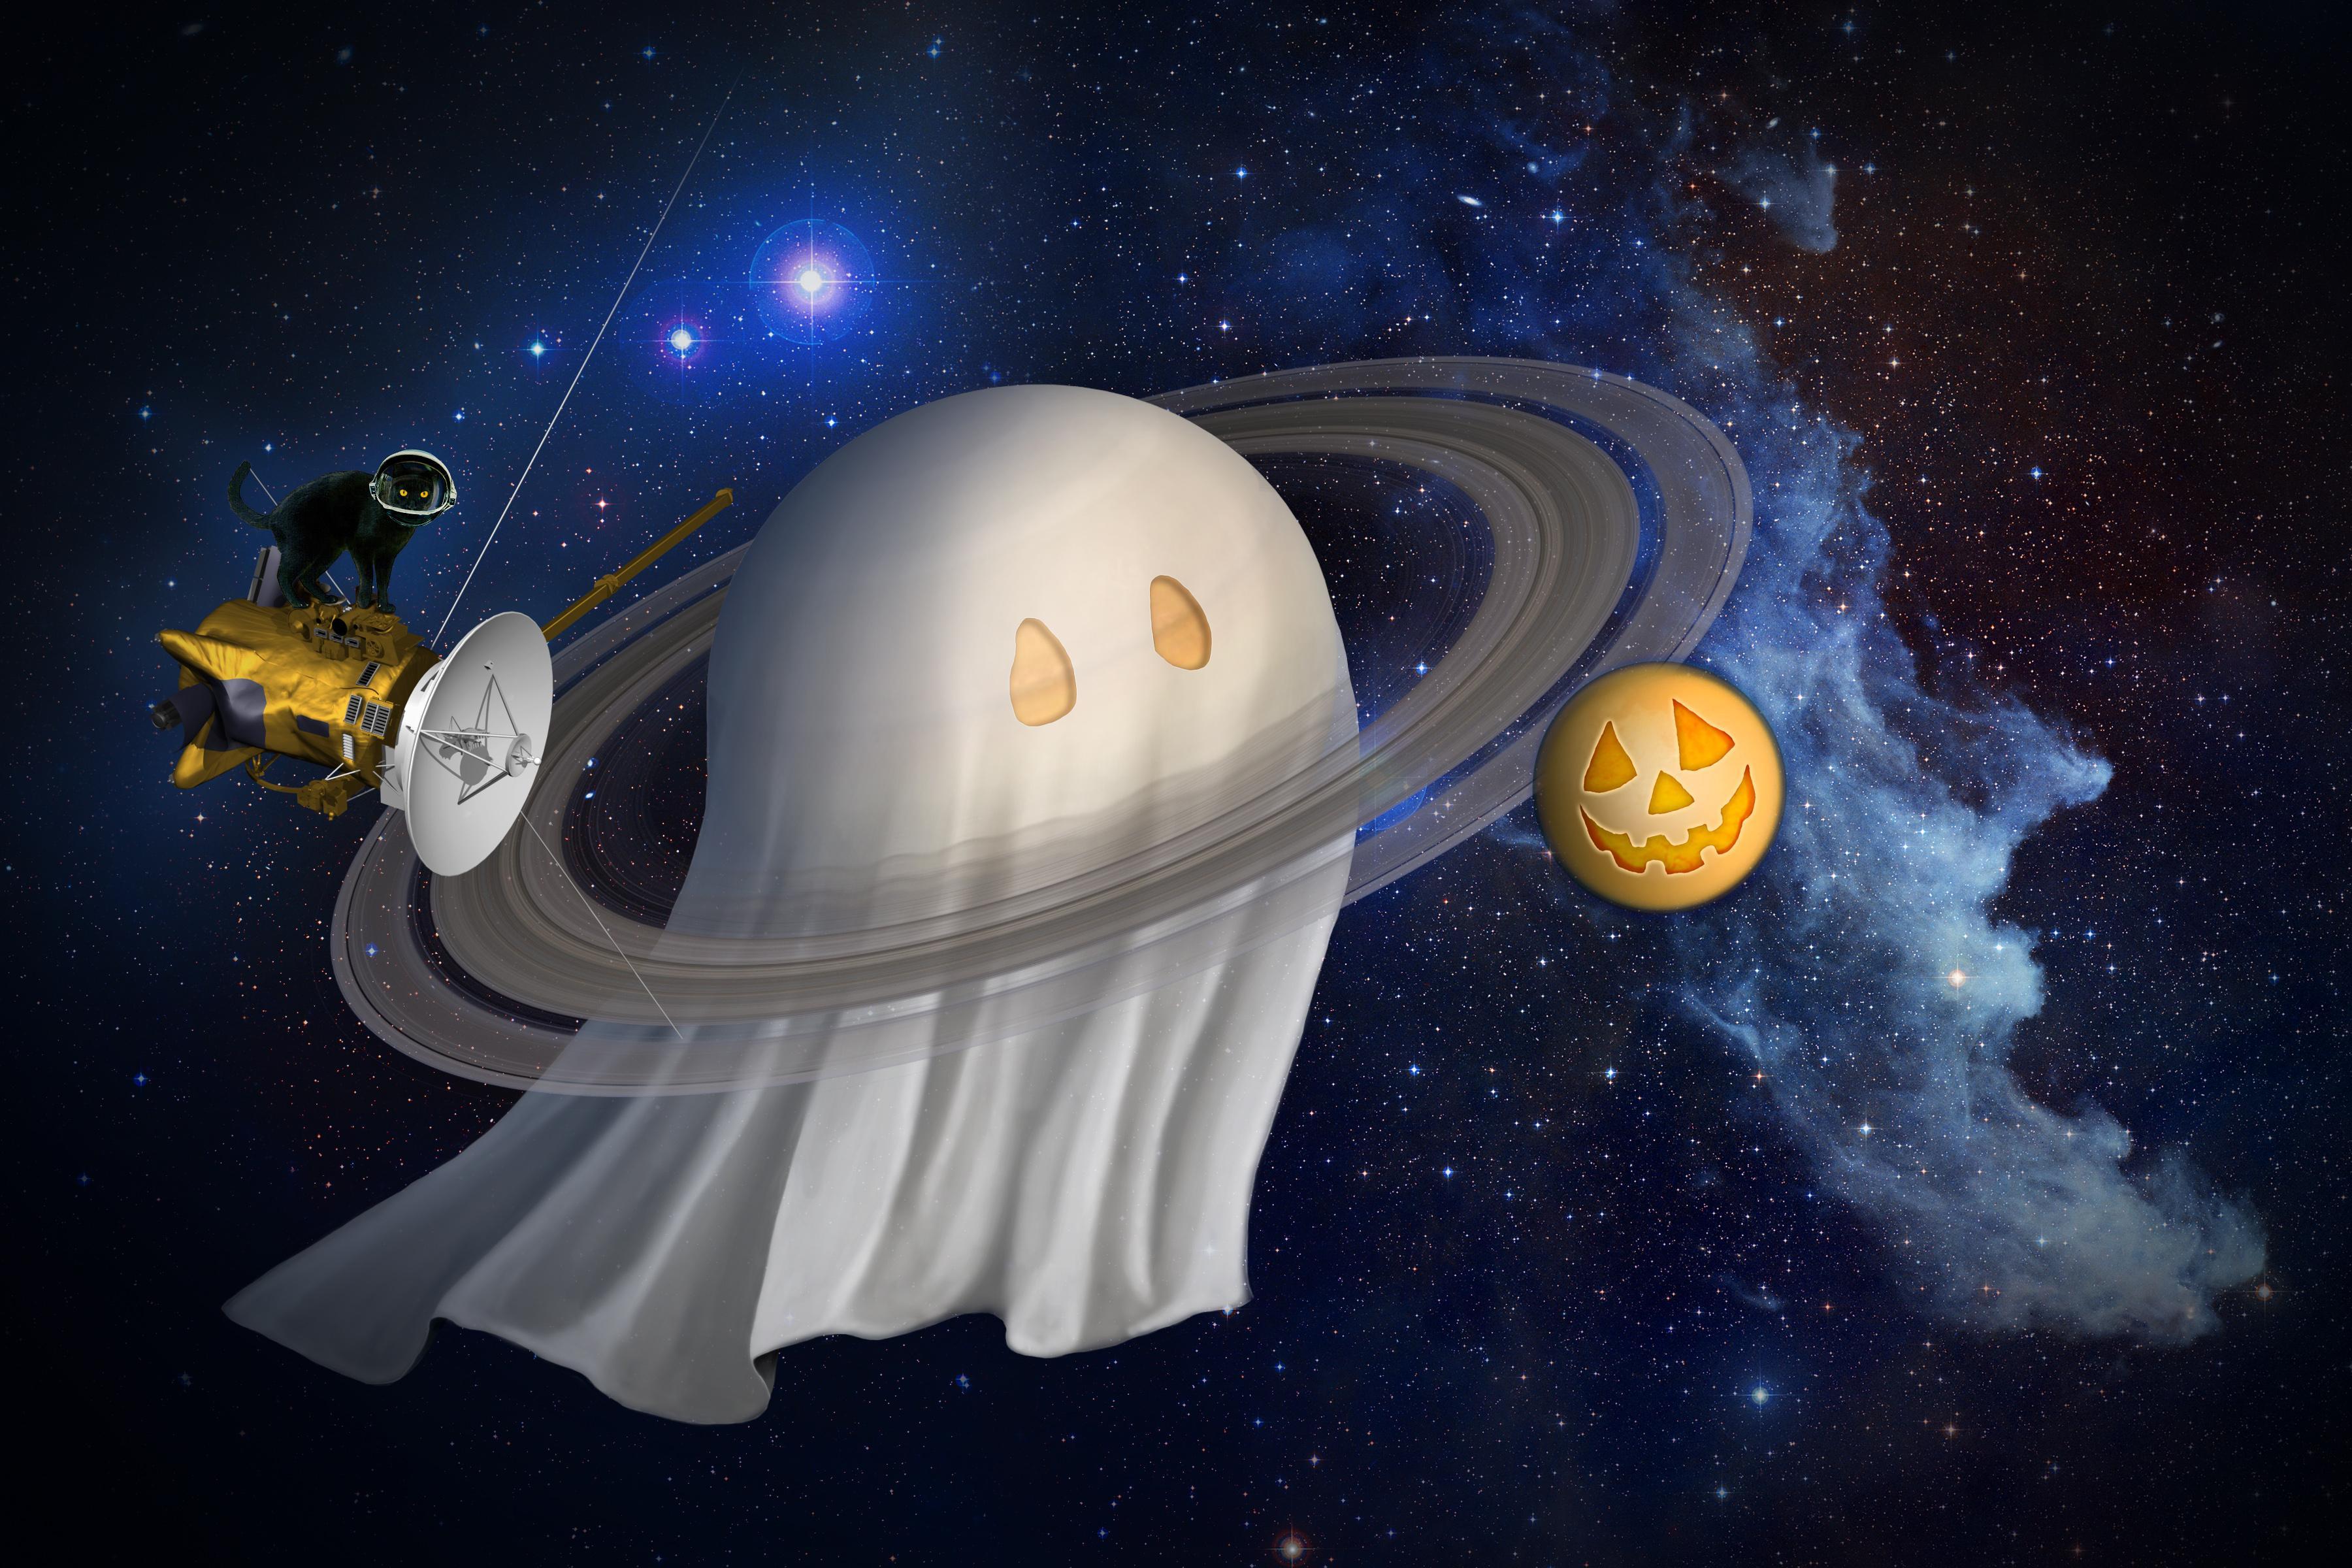 Nasa Happy Halloween From Cassini